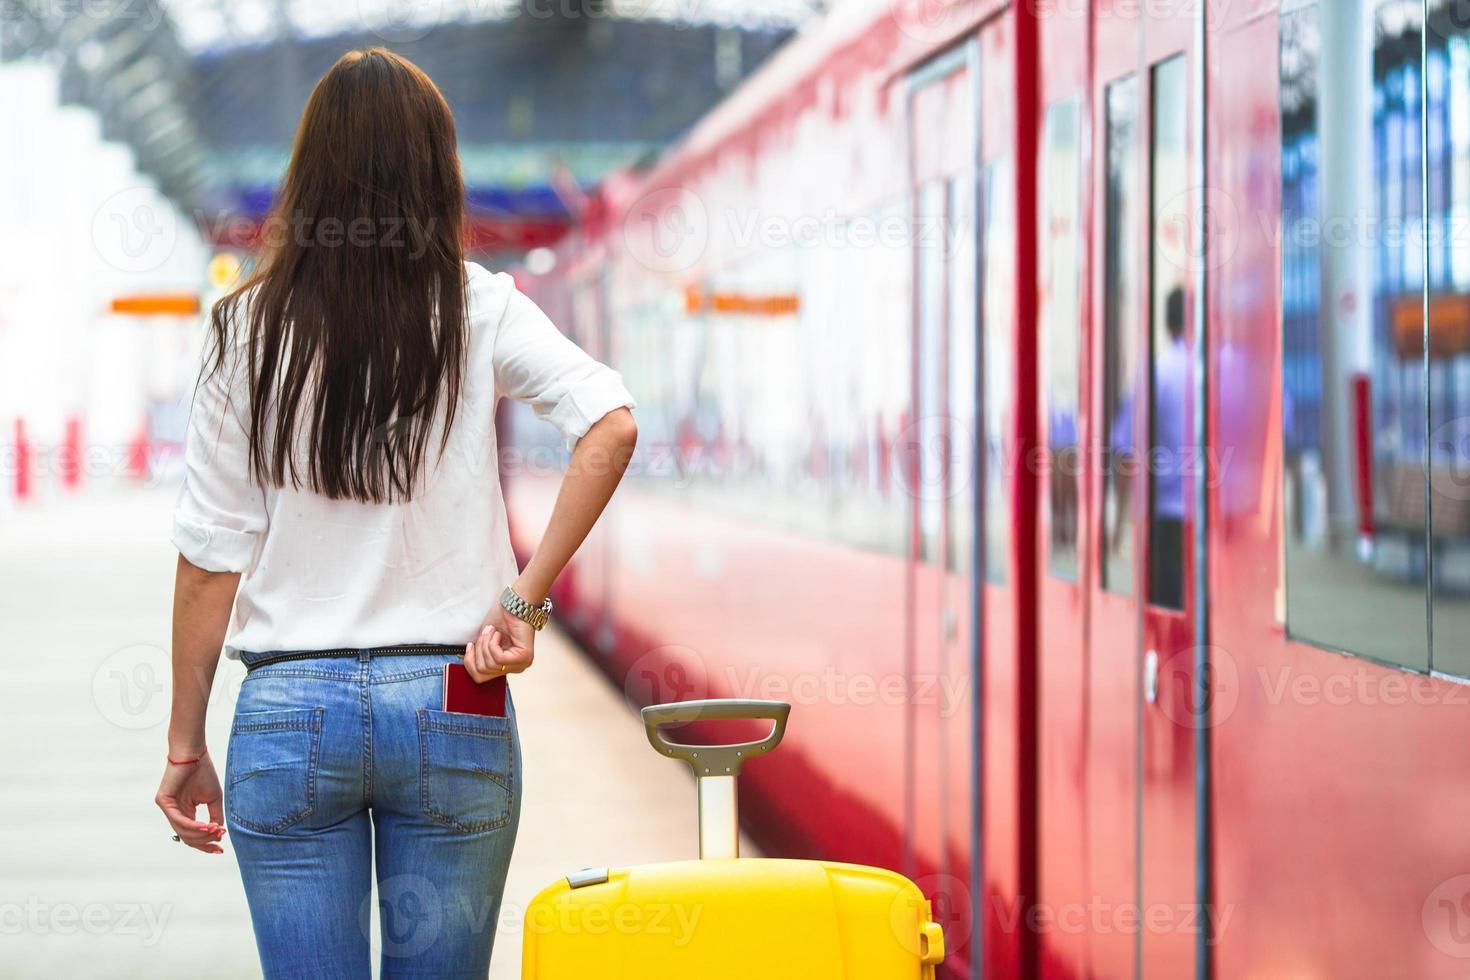 junges kaukasisches Mädchen mit Gepäck am Bahnhof, der mit dem Zug reist foto